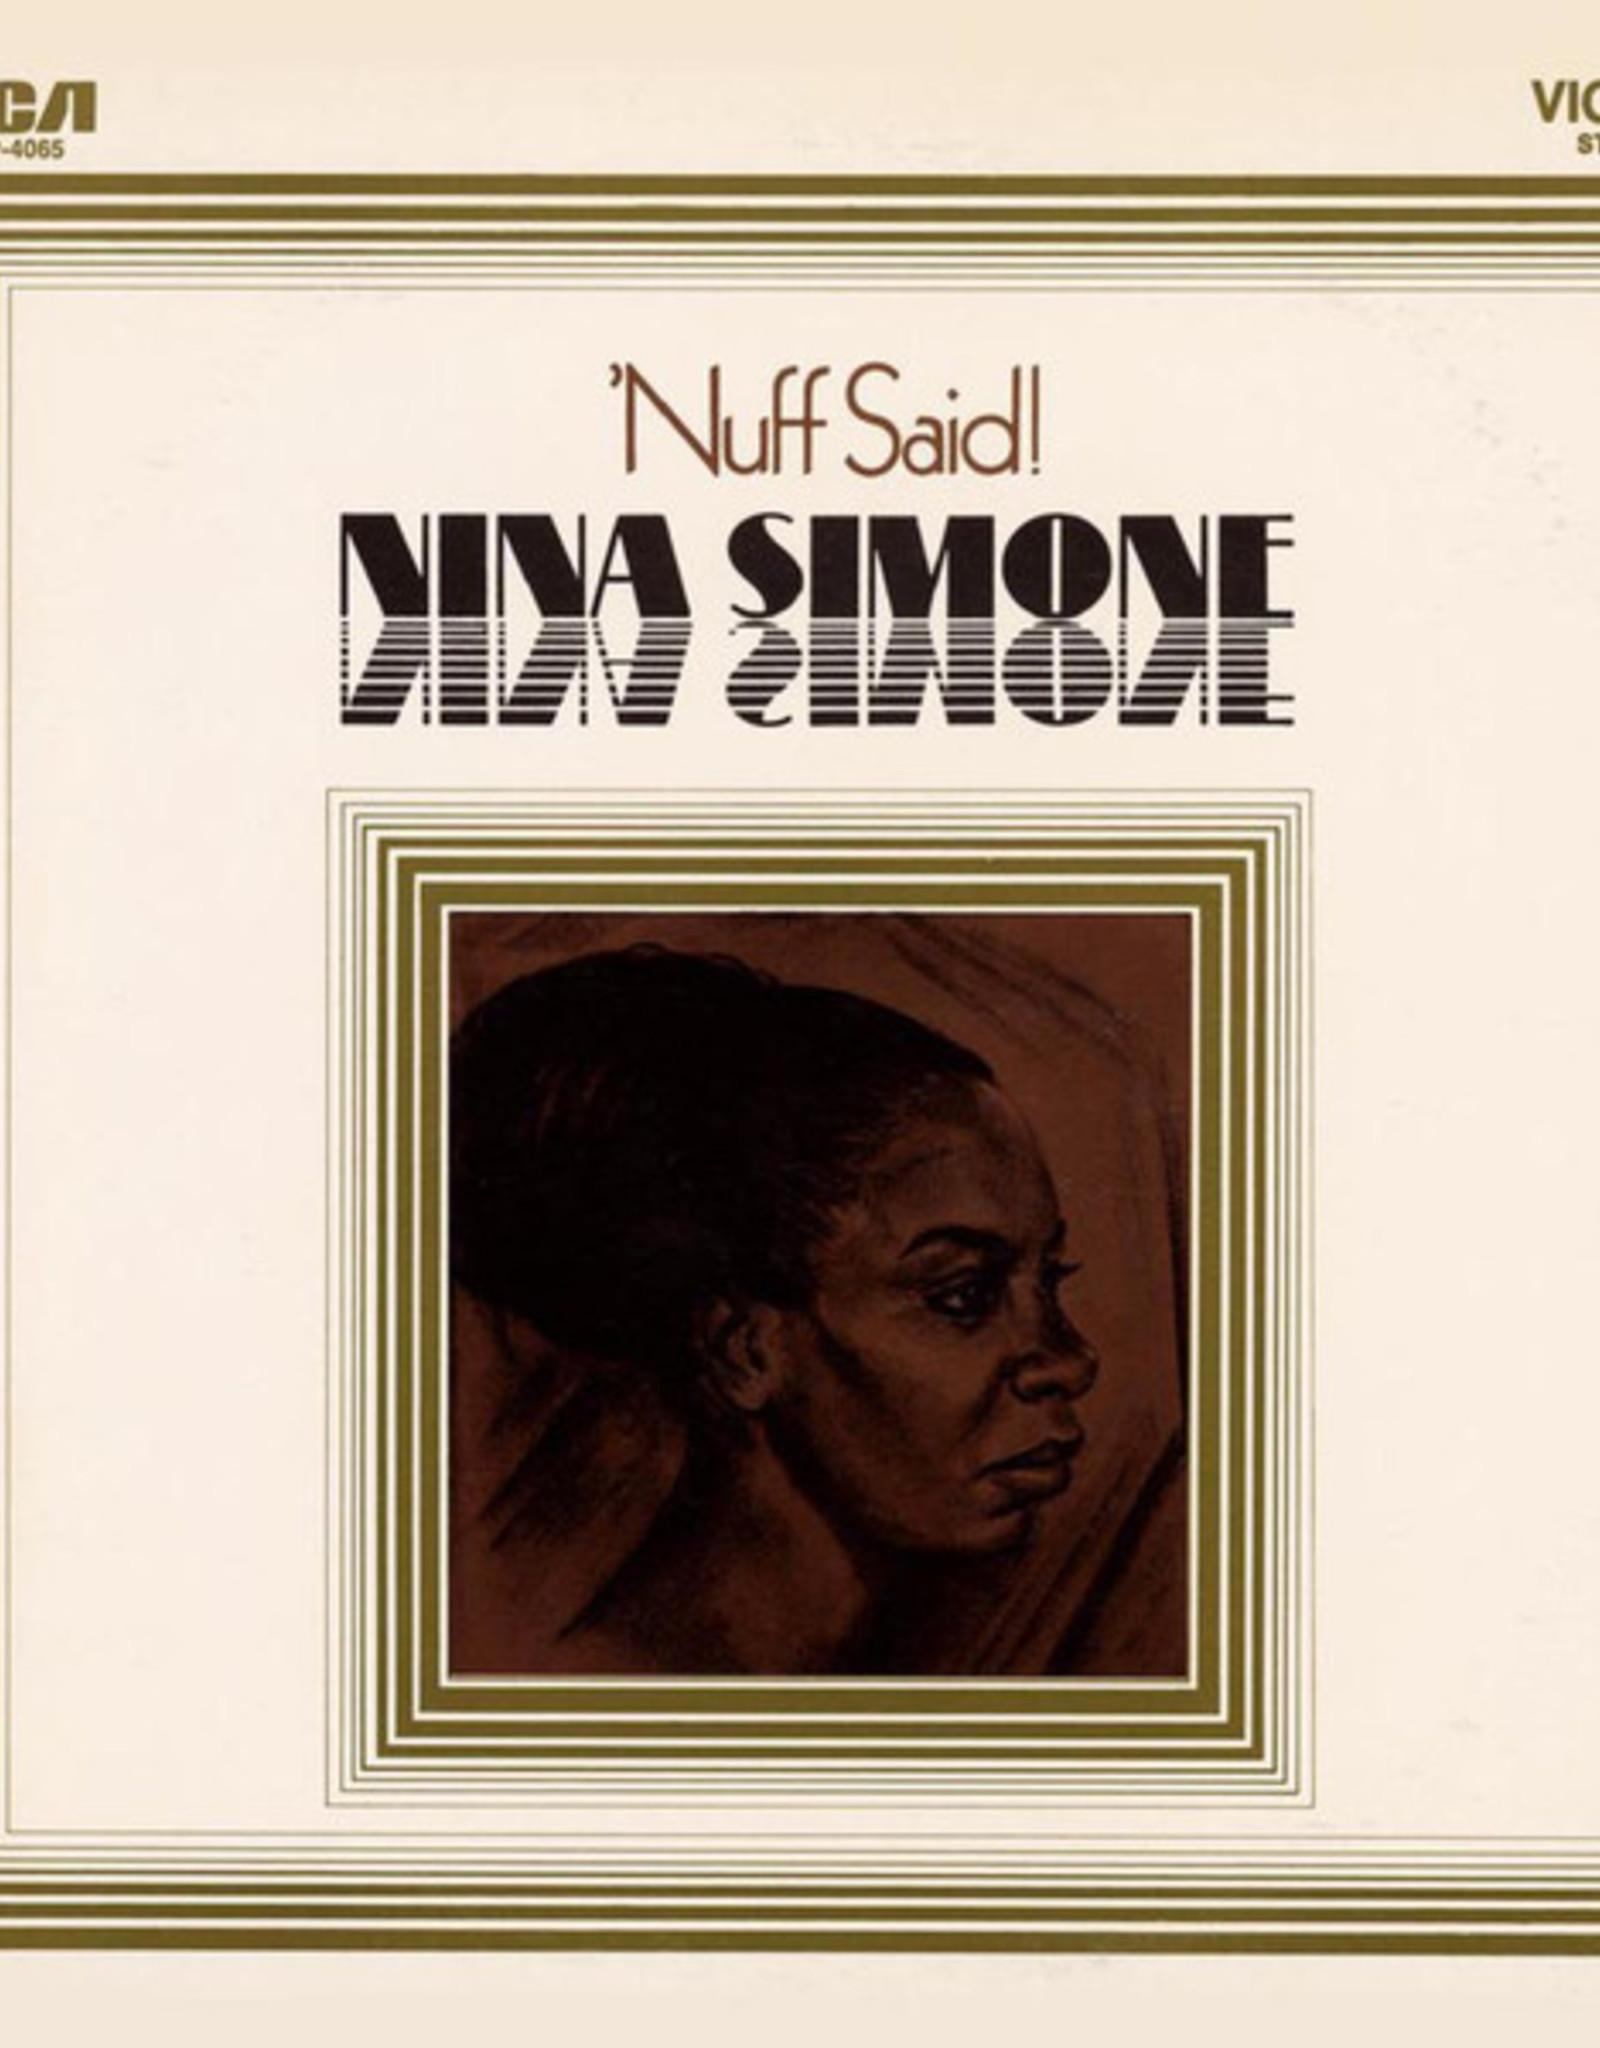 Nina Simone - Nuff Said!